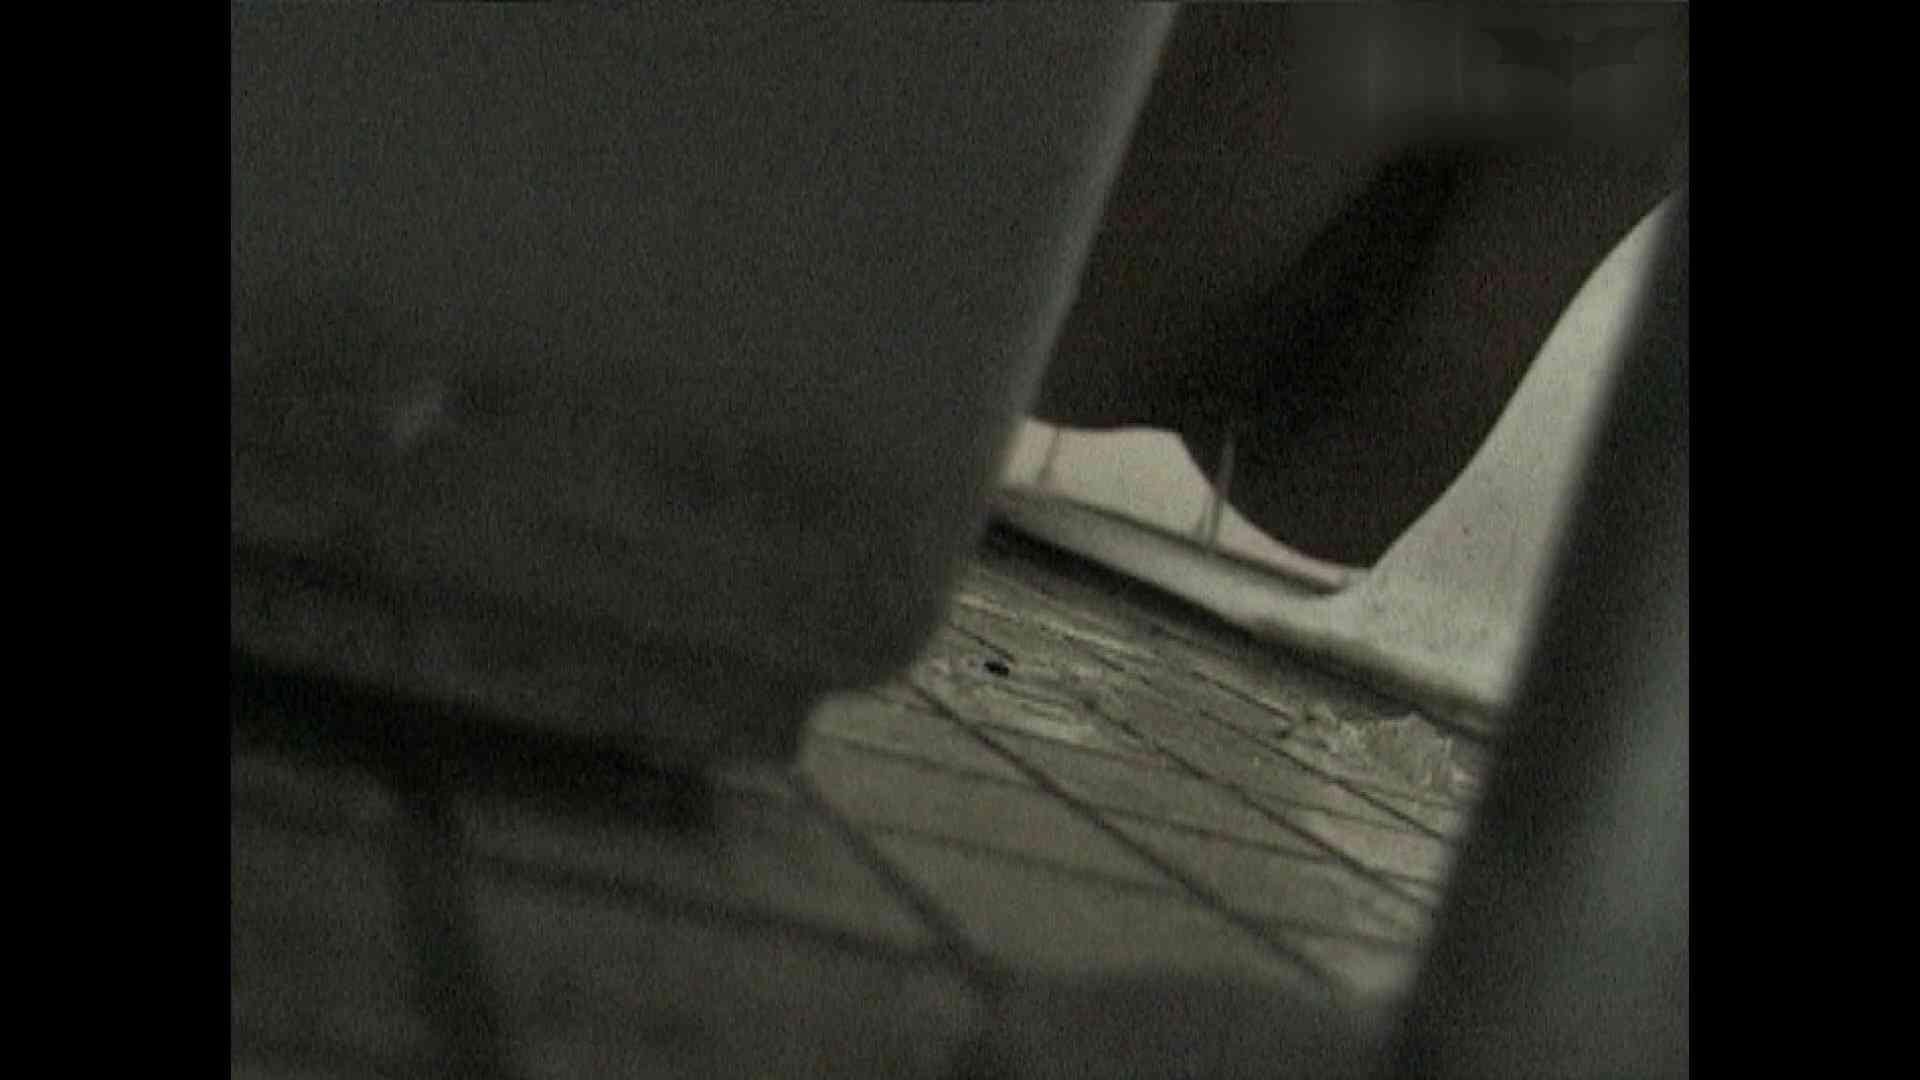 ツルマンから流れるあったかい聖水 期間限定神降臨!ツルピカ聖水! うんこ えろ無修正画像 102画像 71